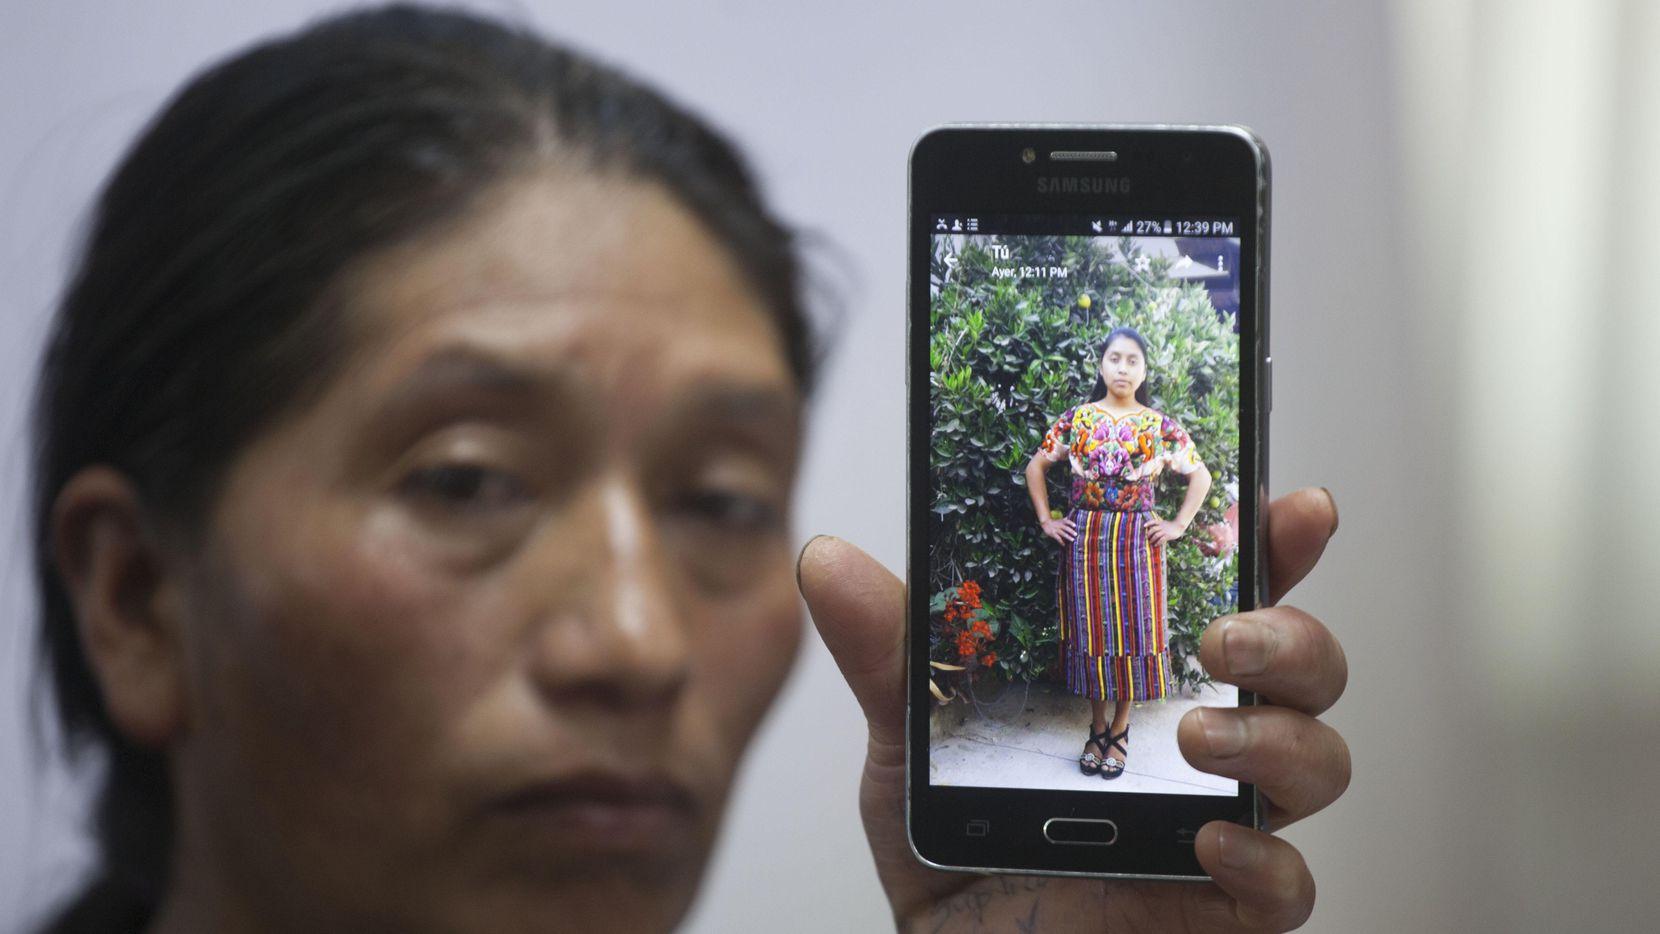 Dominga Vicente muestra una foto de su sobrina Claudia Patricia Gómez González de 20 años, quien murió baleada por un agente de la Patrulla Fronteriza en la zona de Laredo, Texas. (AP/Moises Castillo)